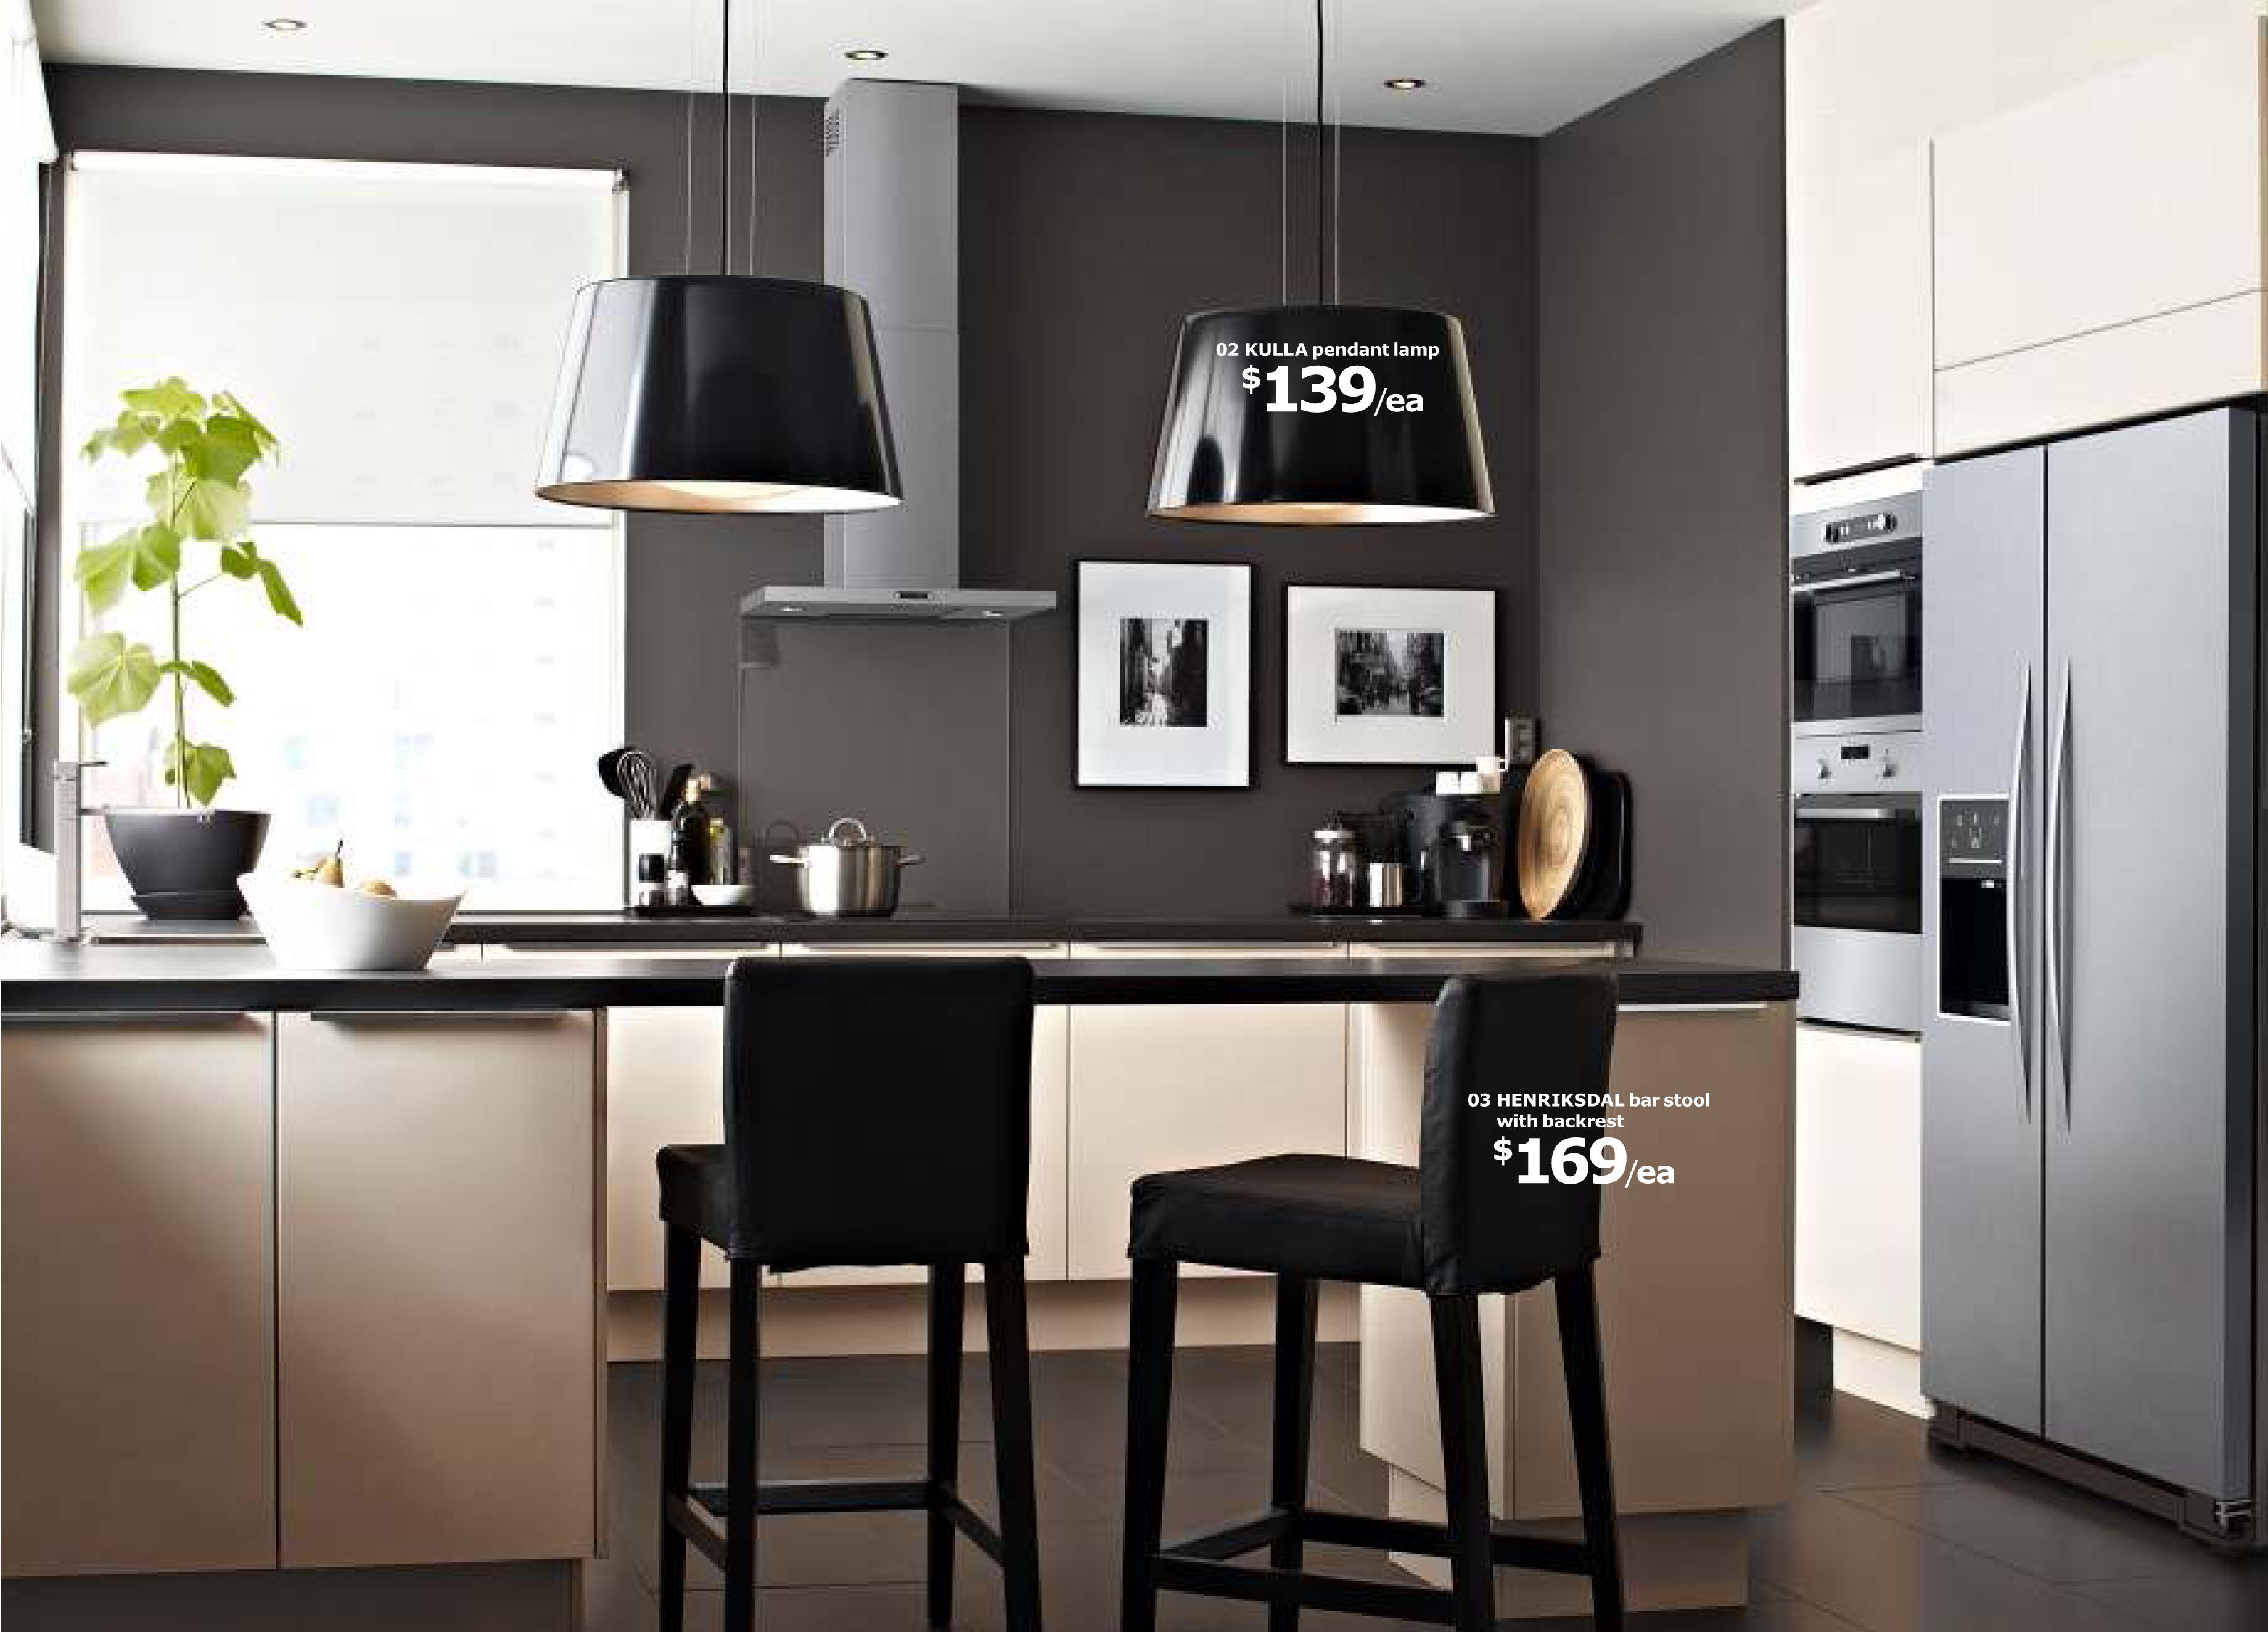 Ikea Catalogue 2014 Isla Compuesta Por Módulos De Cocina